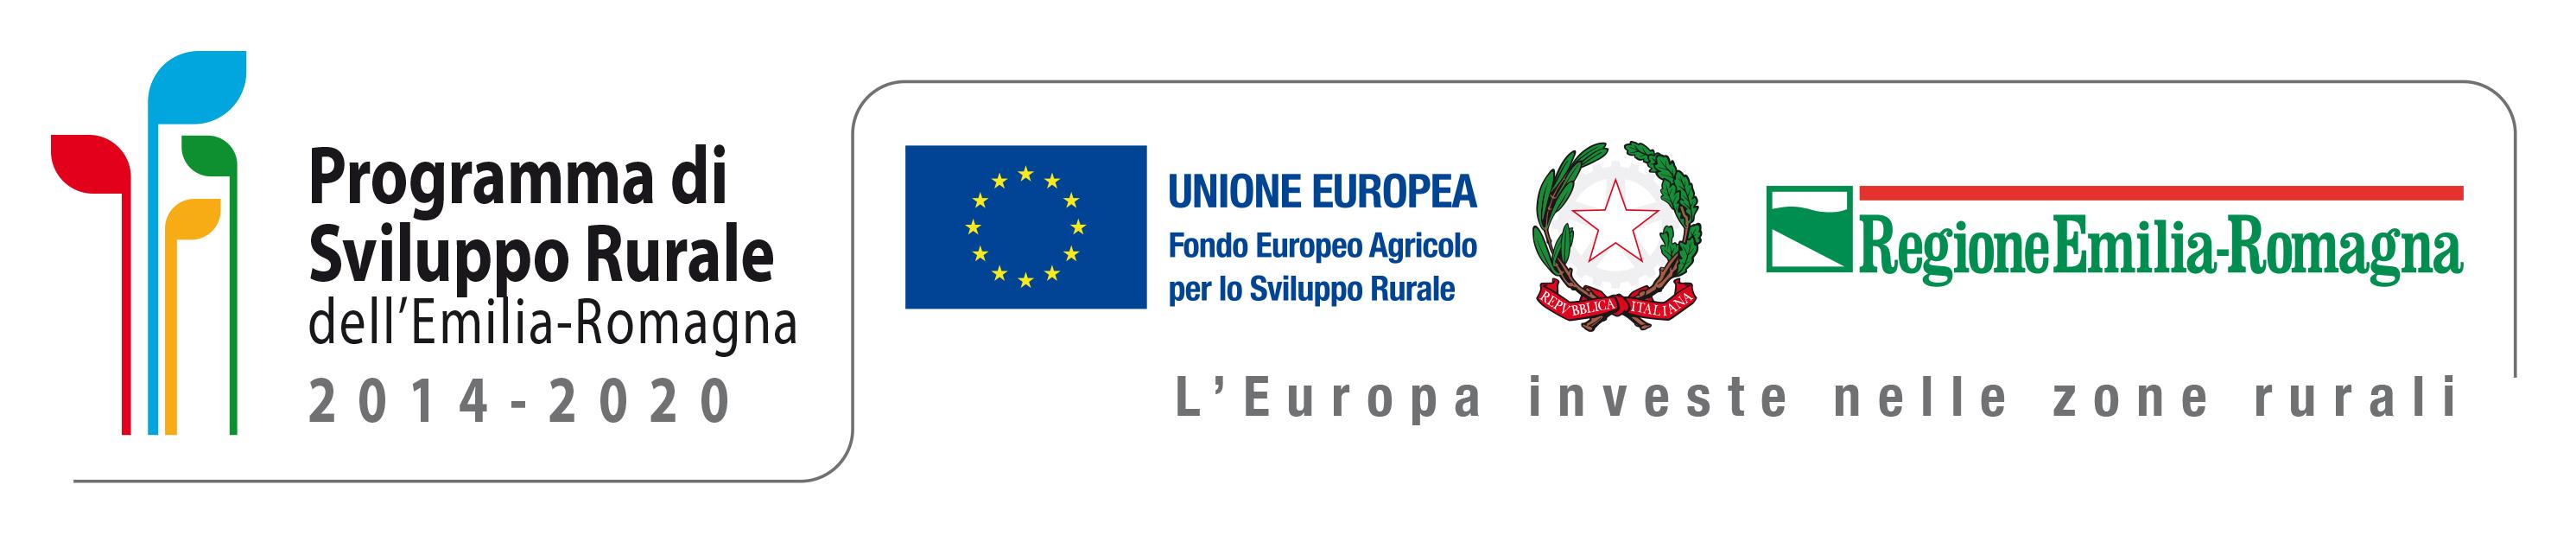 PSR 2014-2020 logo firma-2jpg